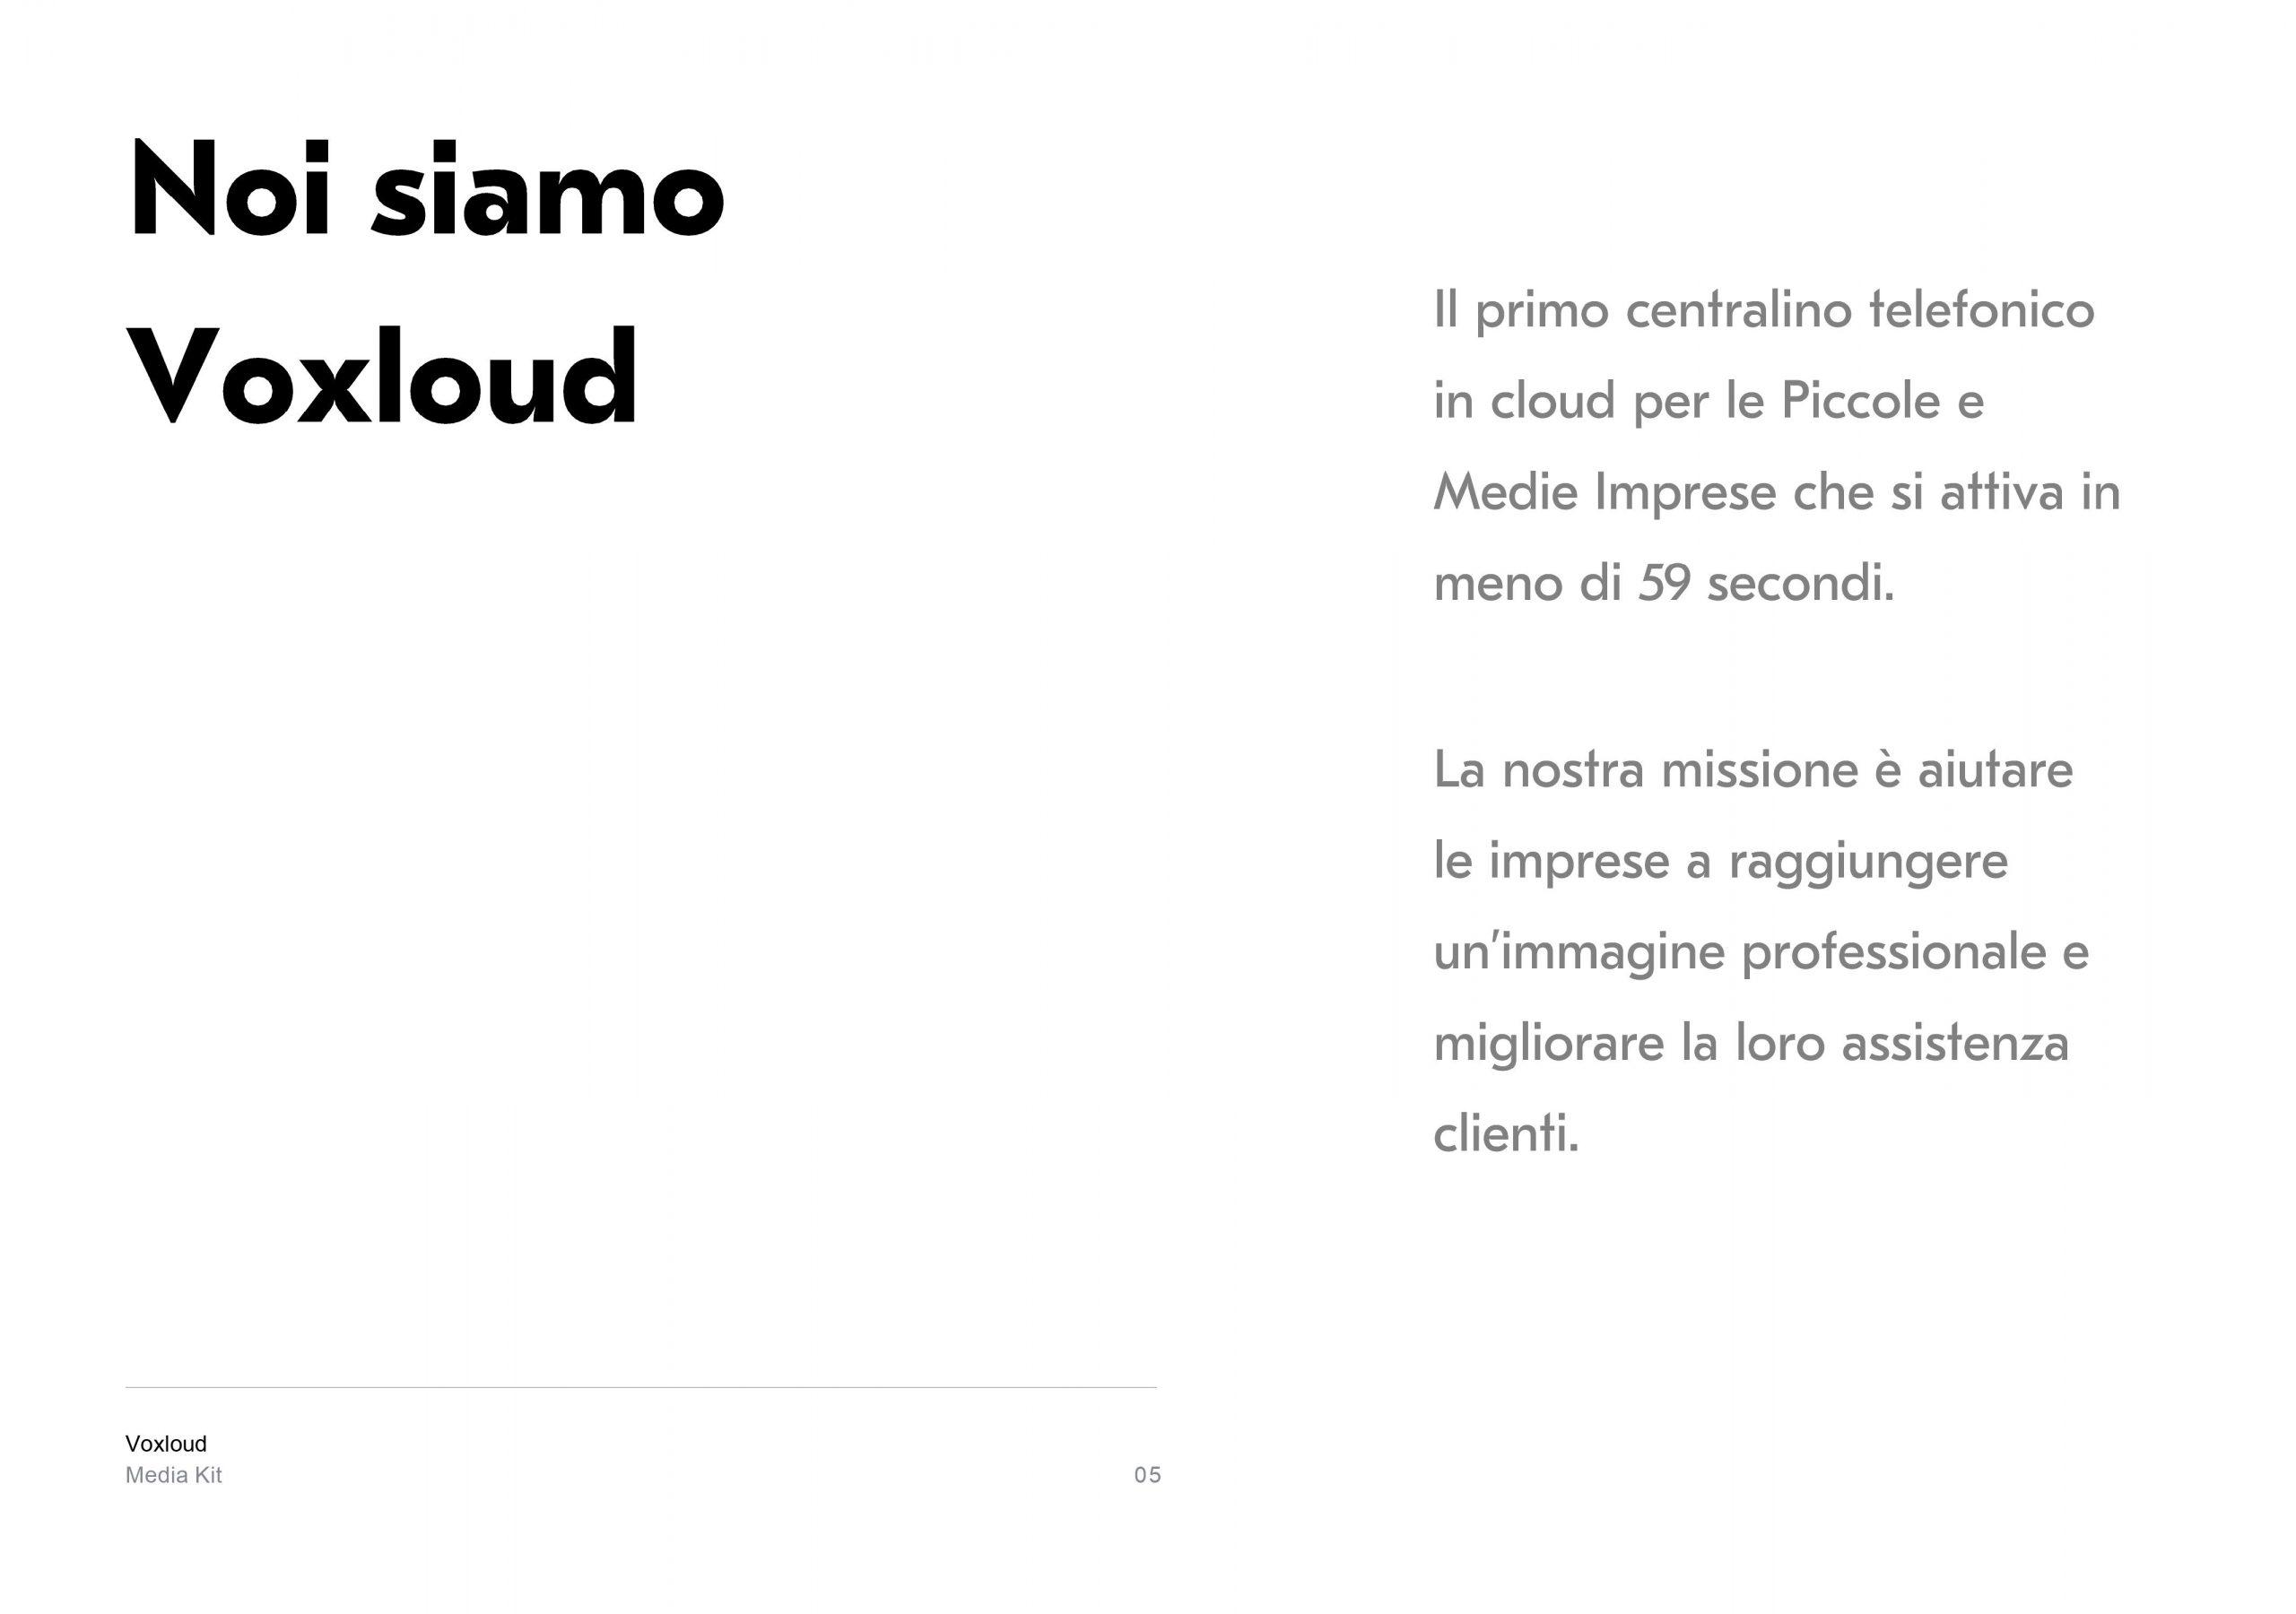 Voxloud Media Kit_IT_05